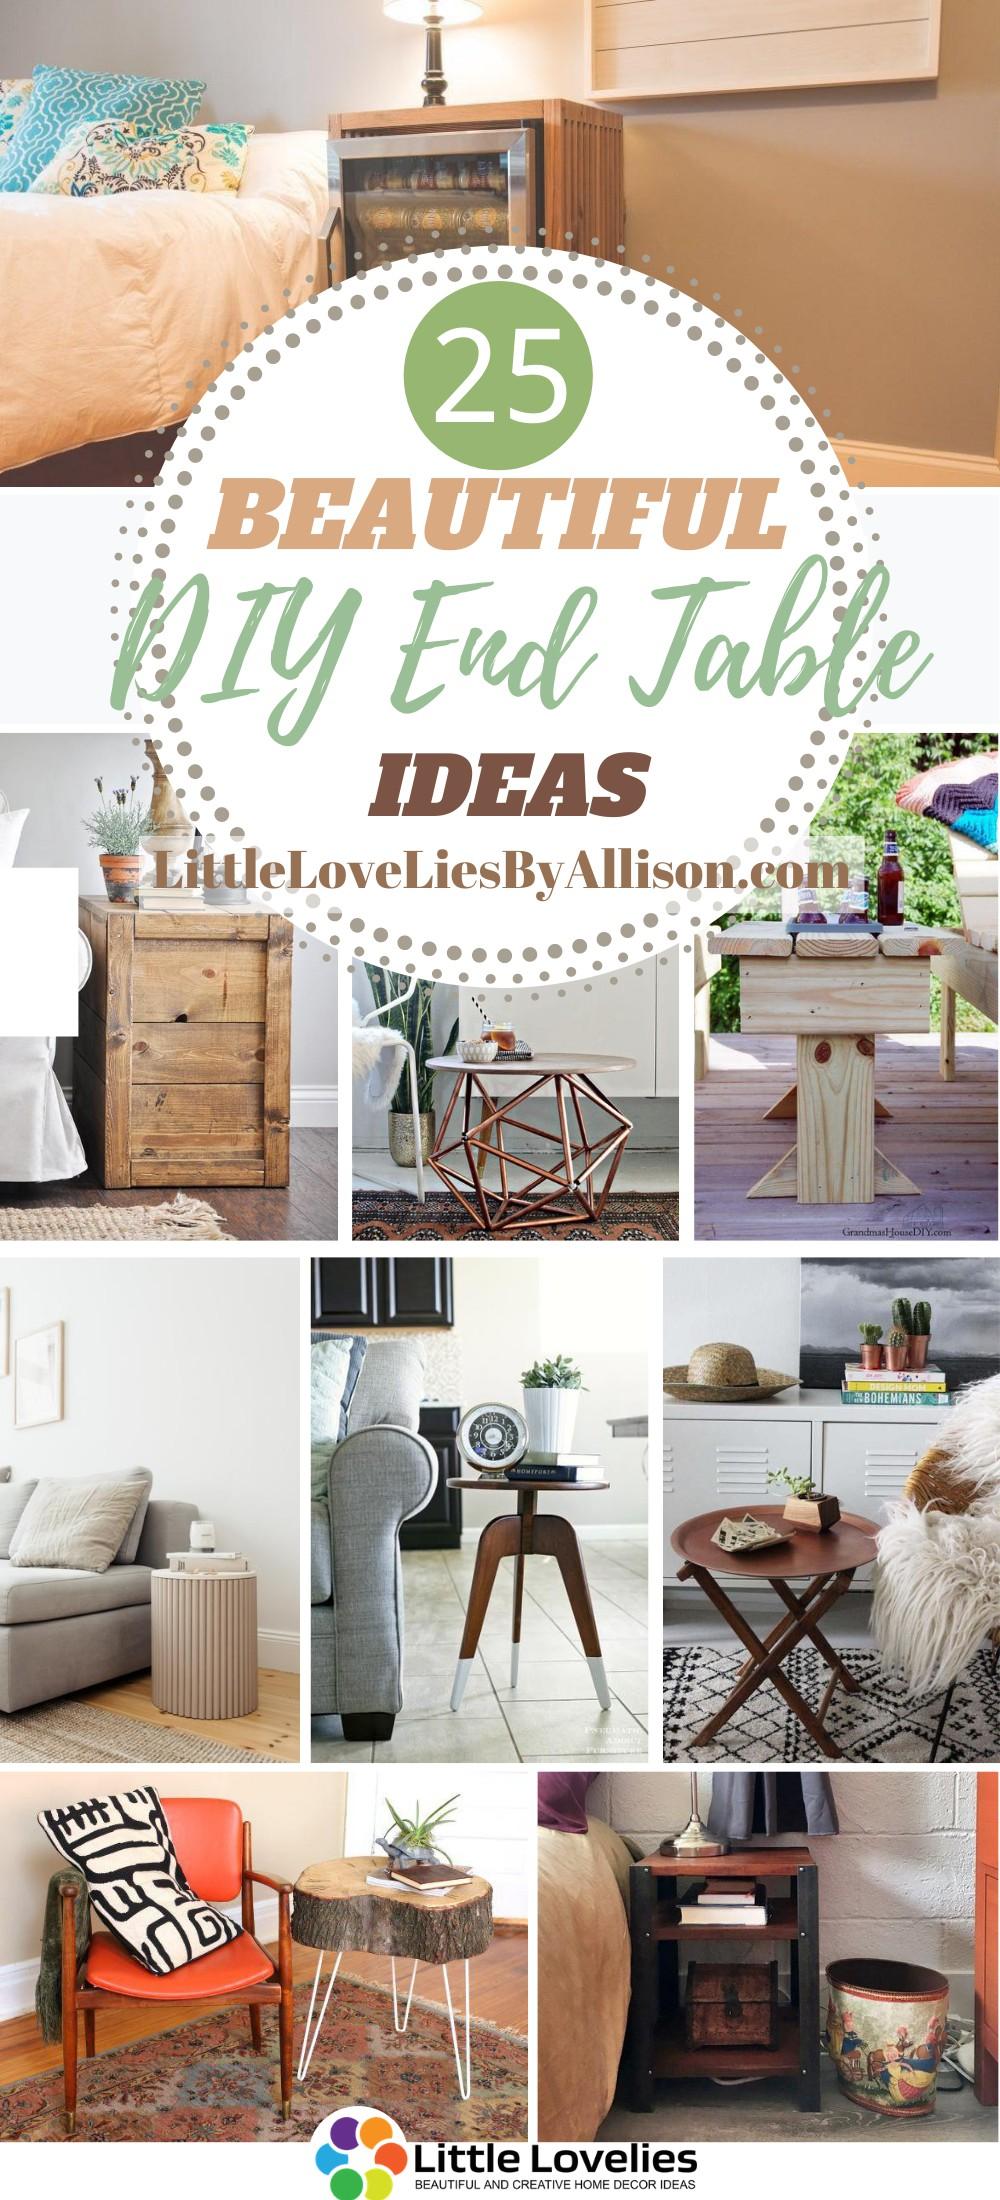 DIY-End-Table-Ideas